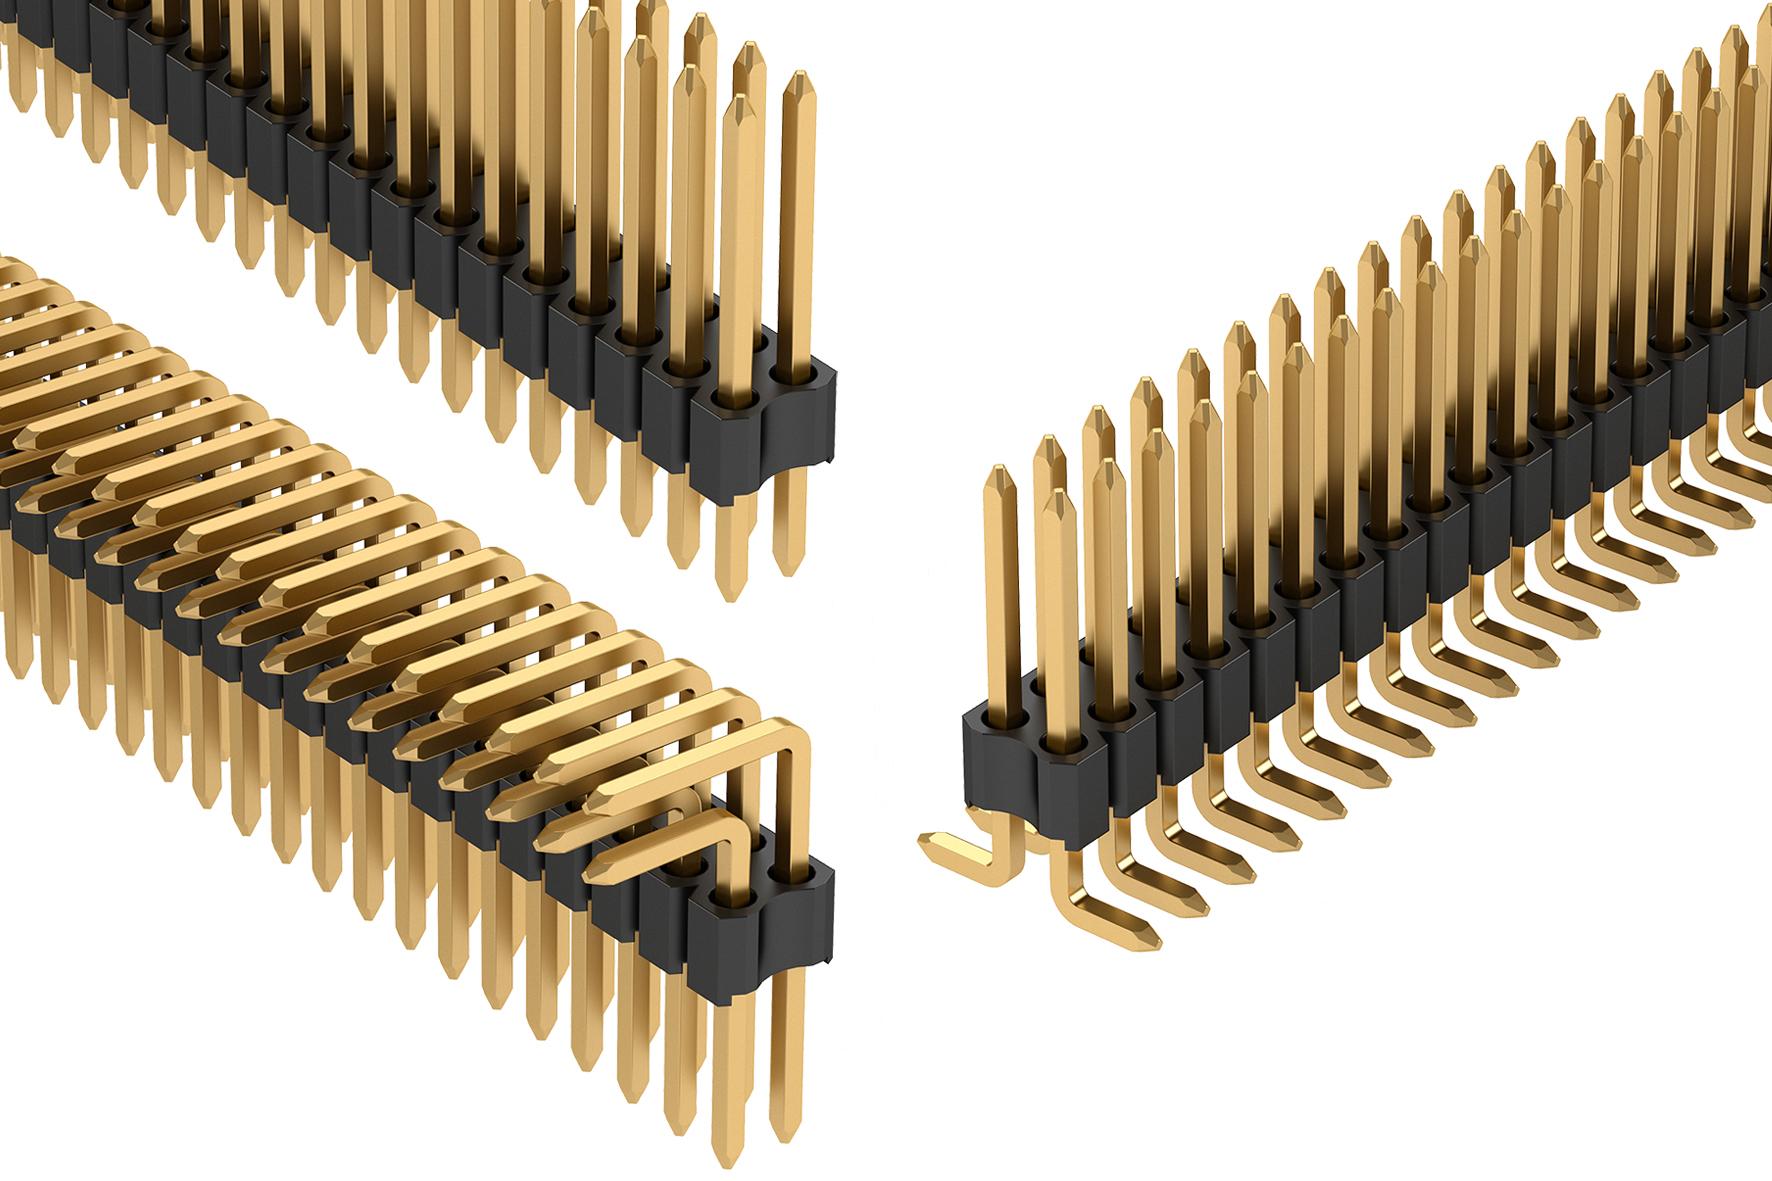 Neue Stiftleistenreihe im Rastermaß 1,27×1,27mm